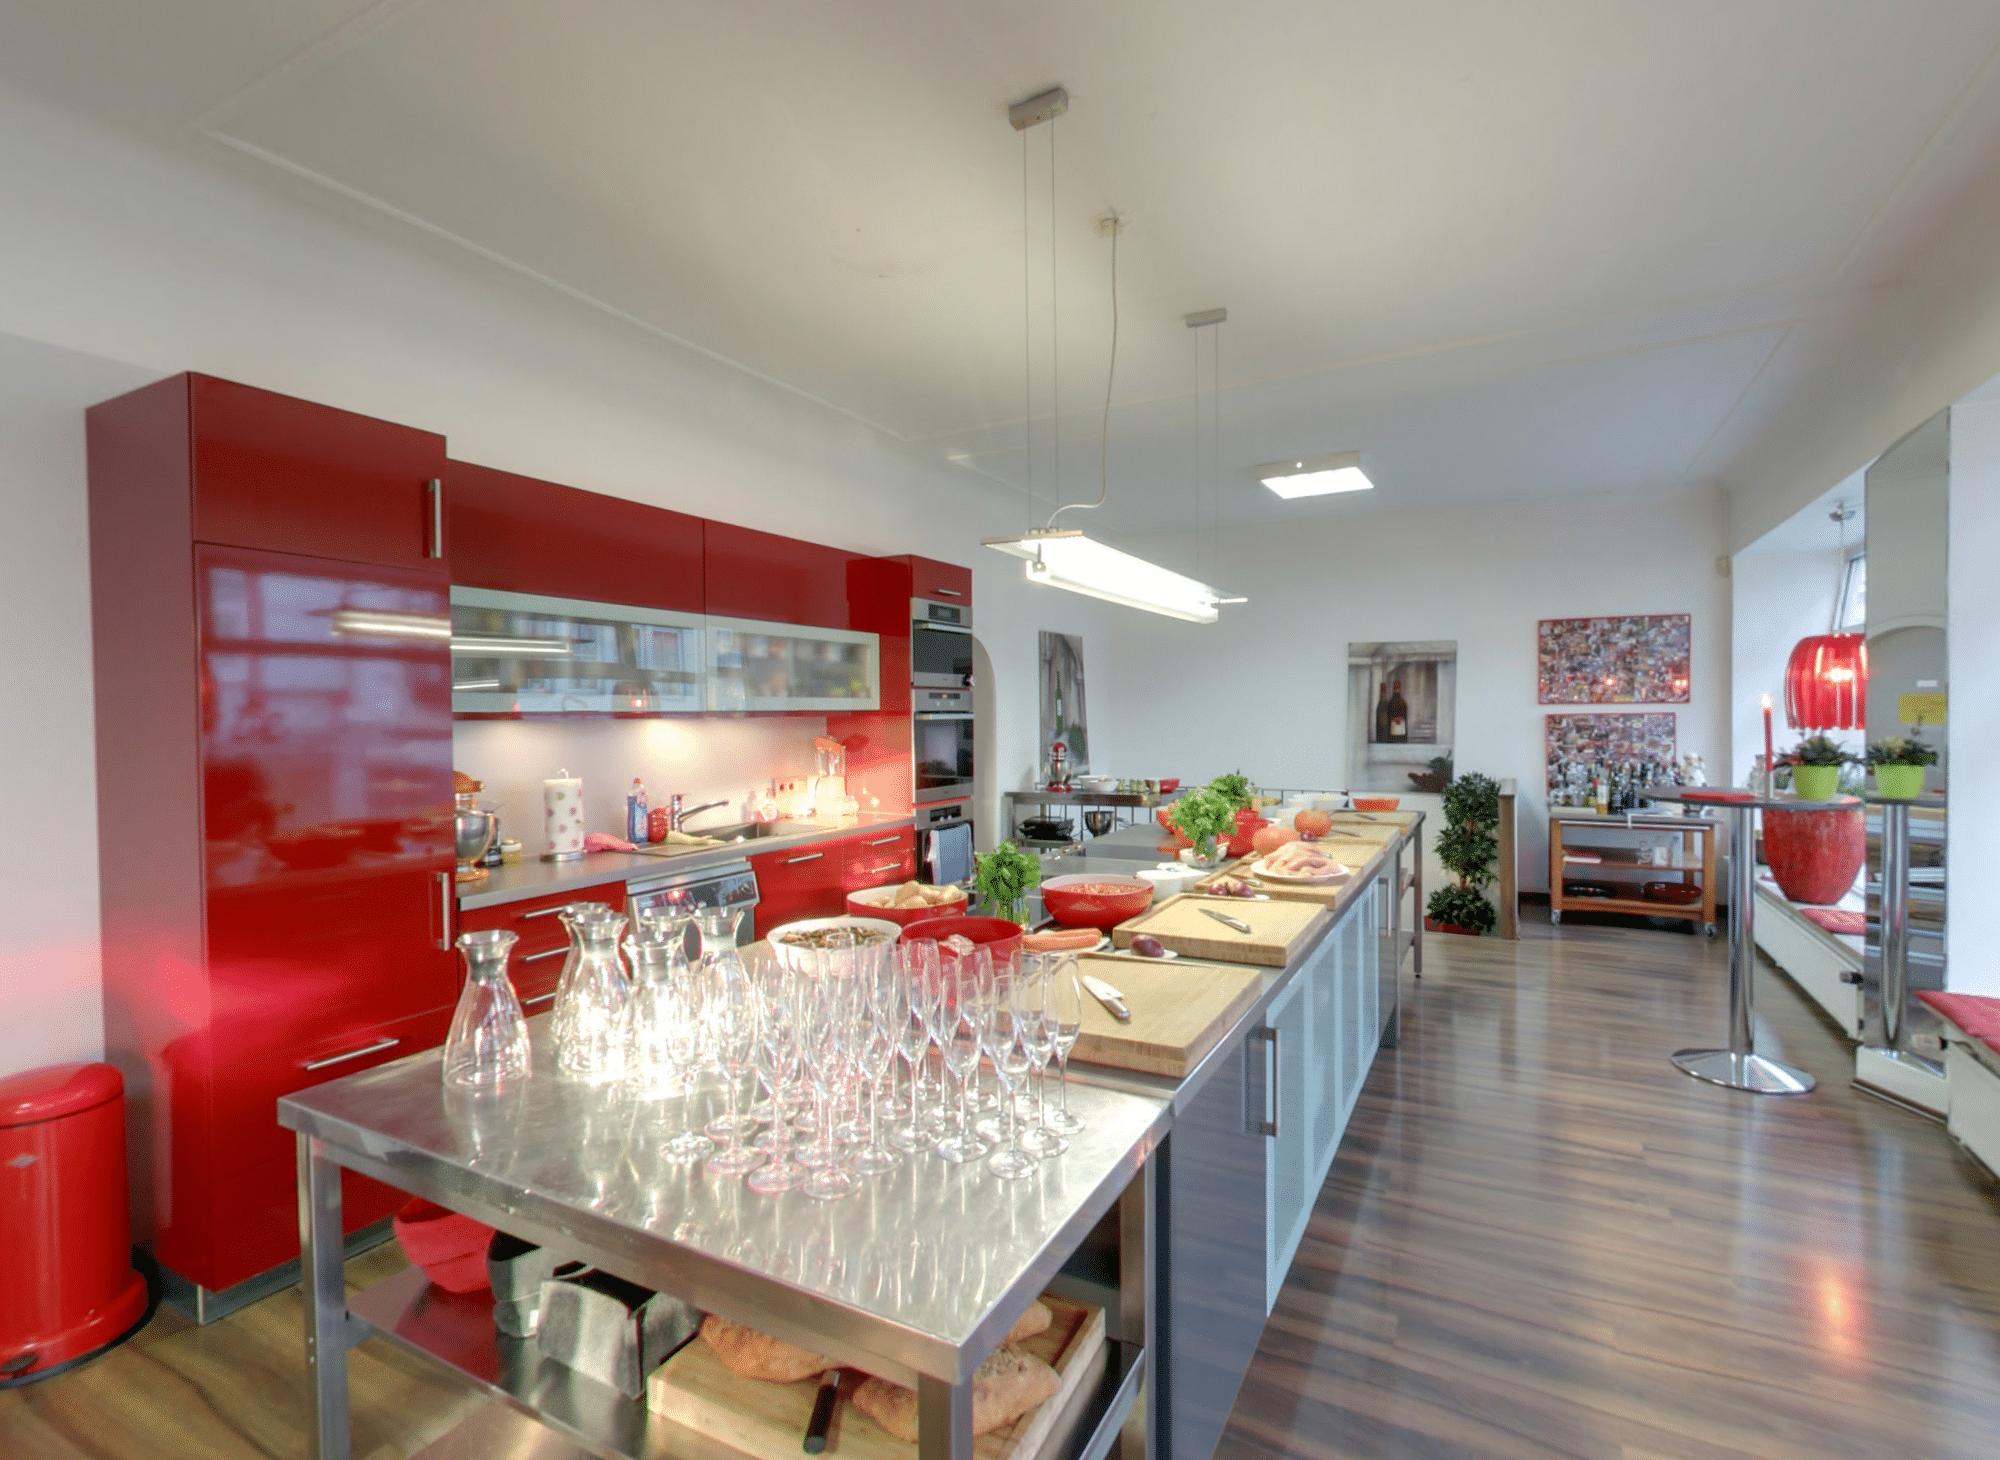 ambiente gourmet kochschule patrick roddelkopf fotografie